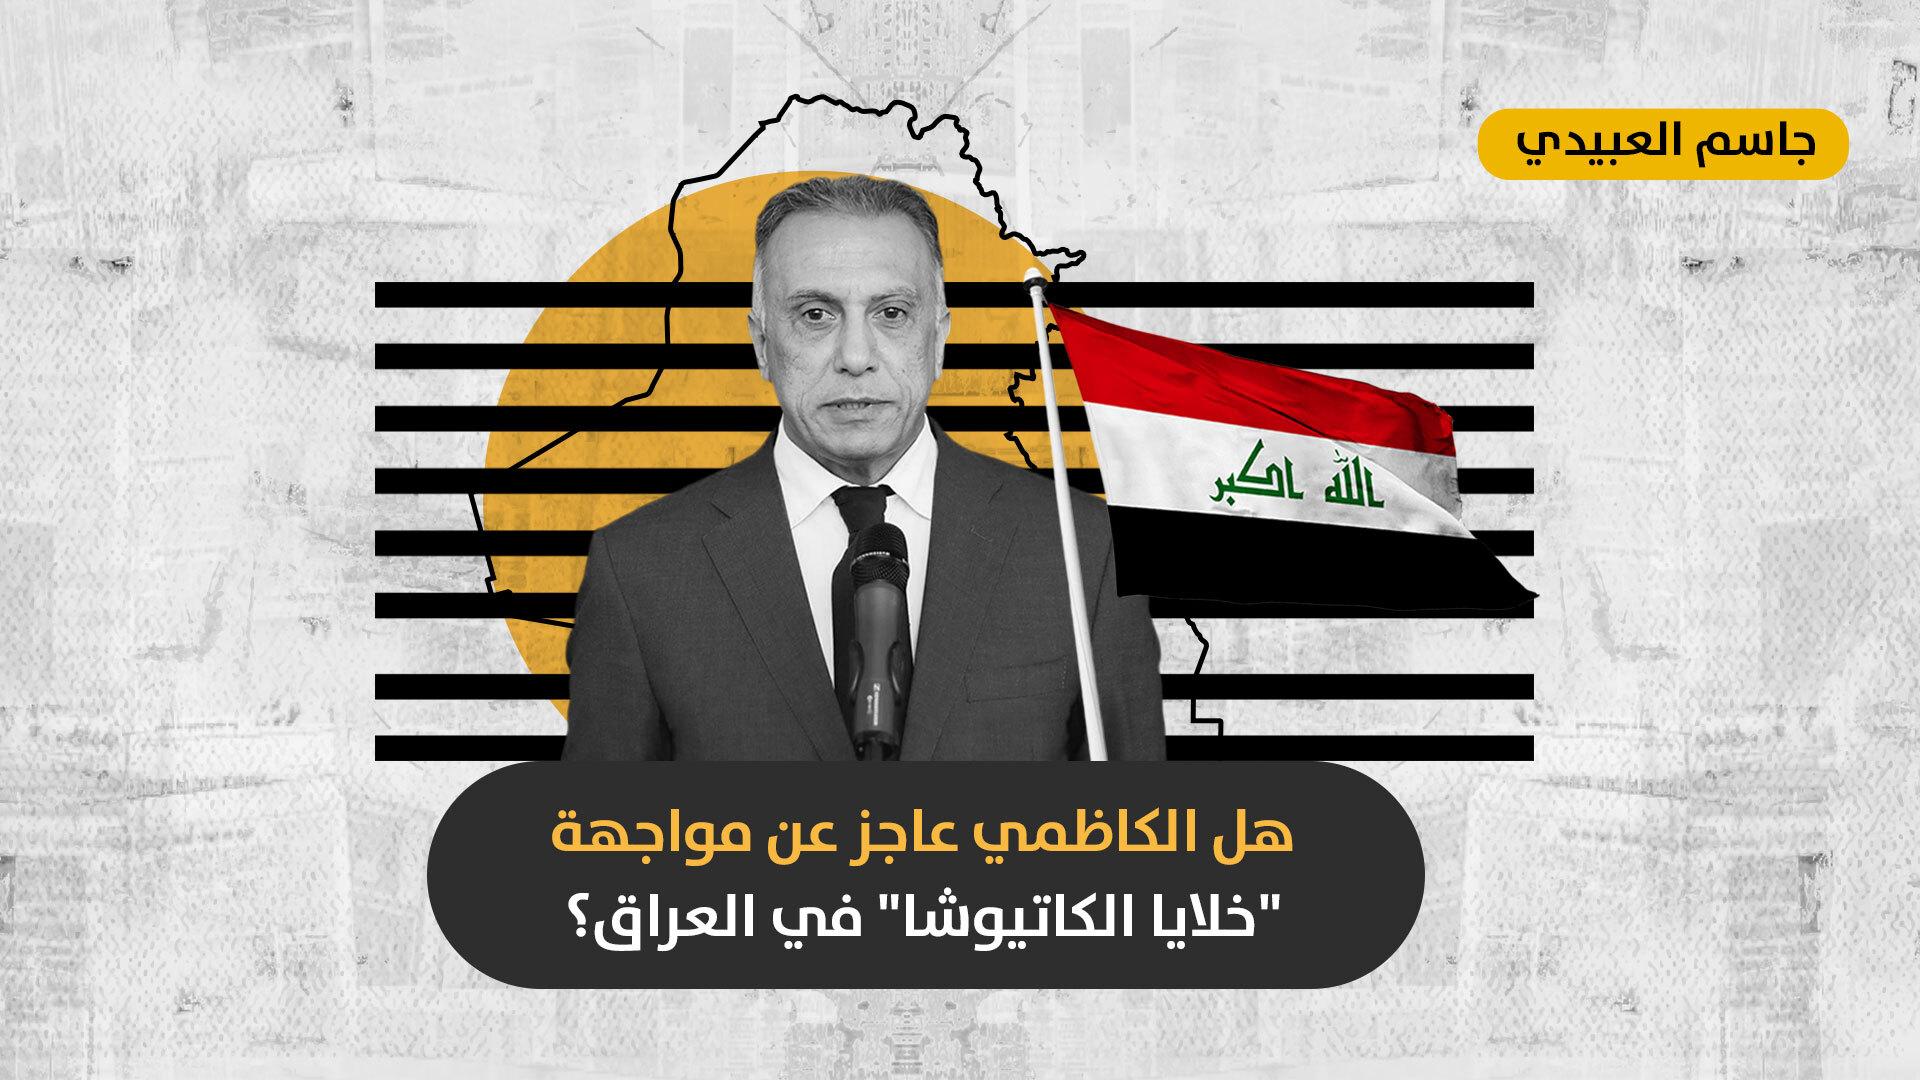 جماعات الكاتيوشا تتغوّل في العراق: هل أصبحت الميلشيات الموالية لإيران أقوى من حكومة الكاظمي؟